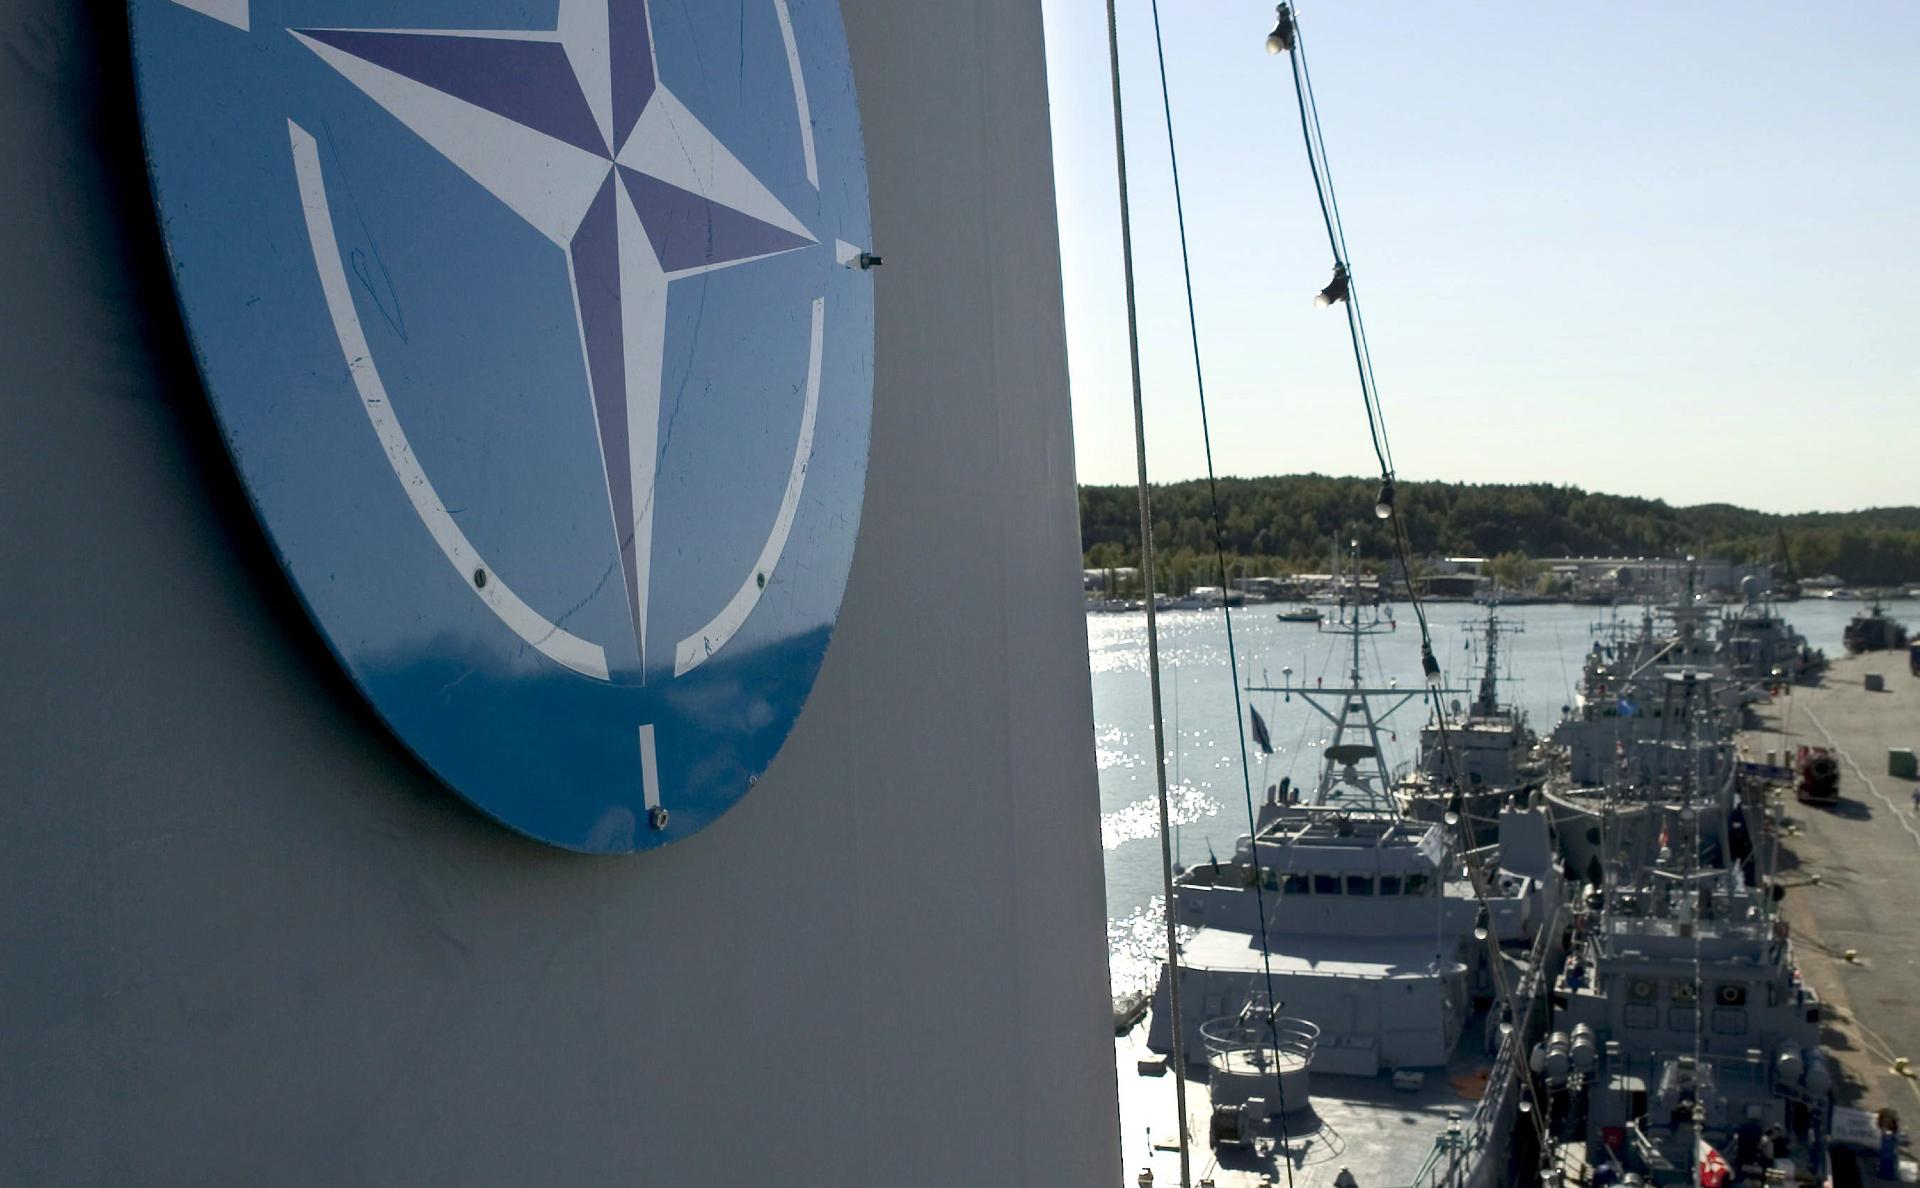 Шведские эксперты оценили готовность России и НАТО к «масштабной войне»